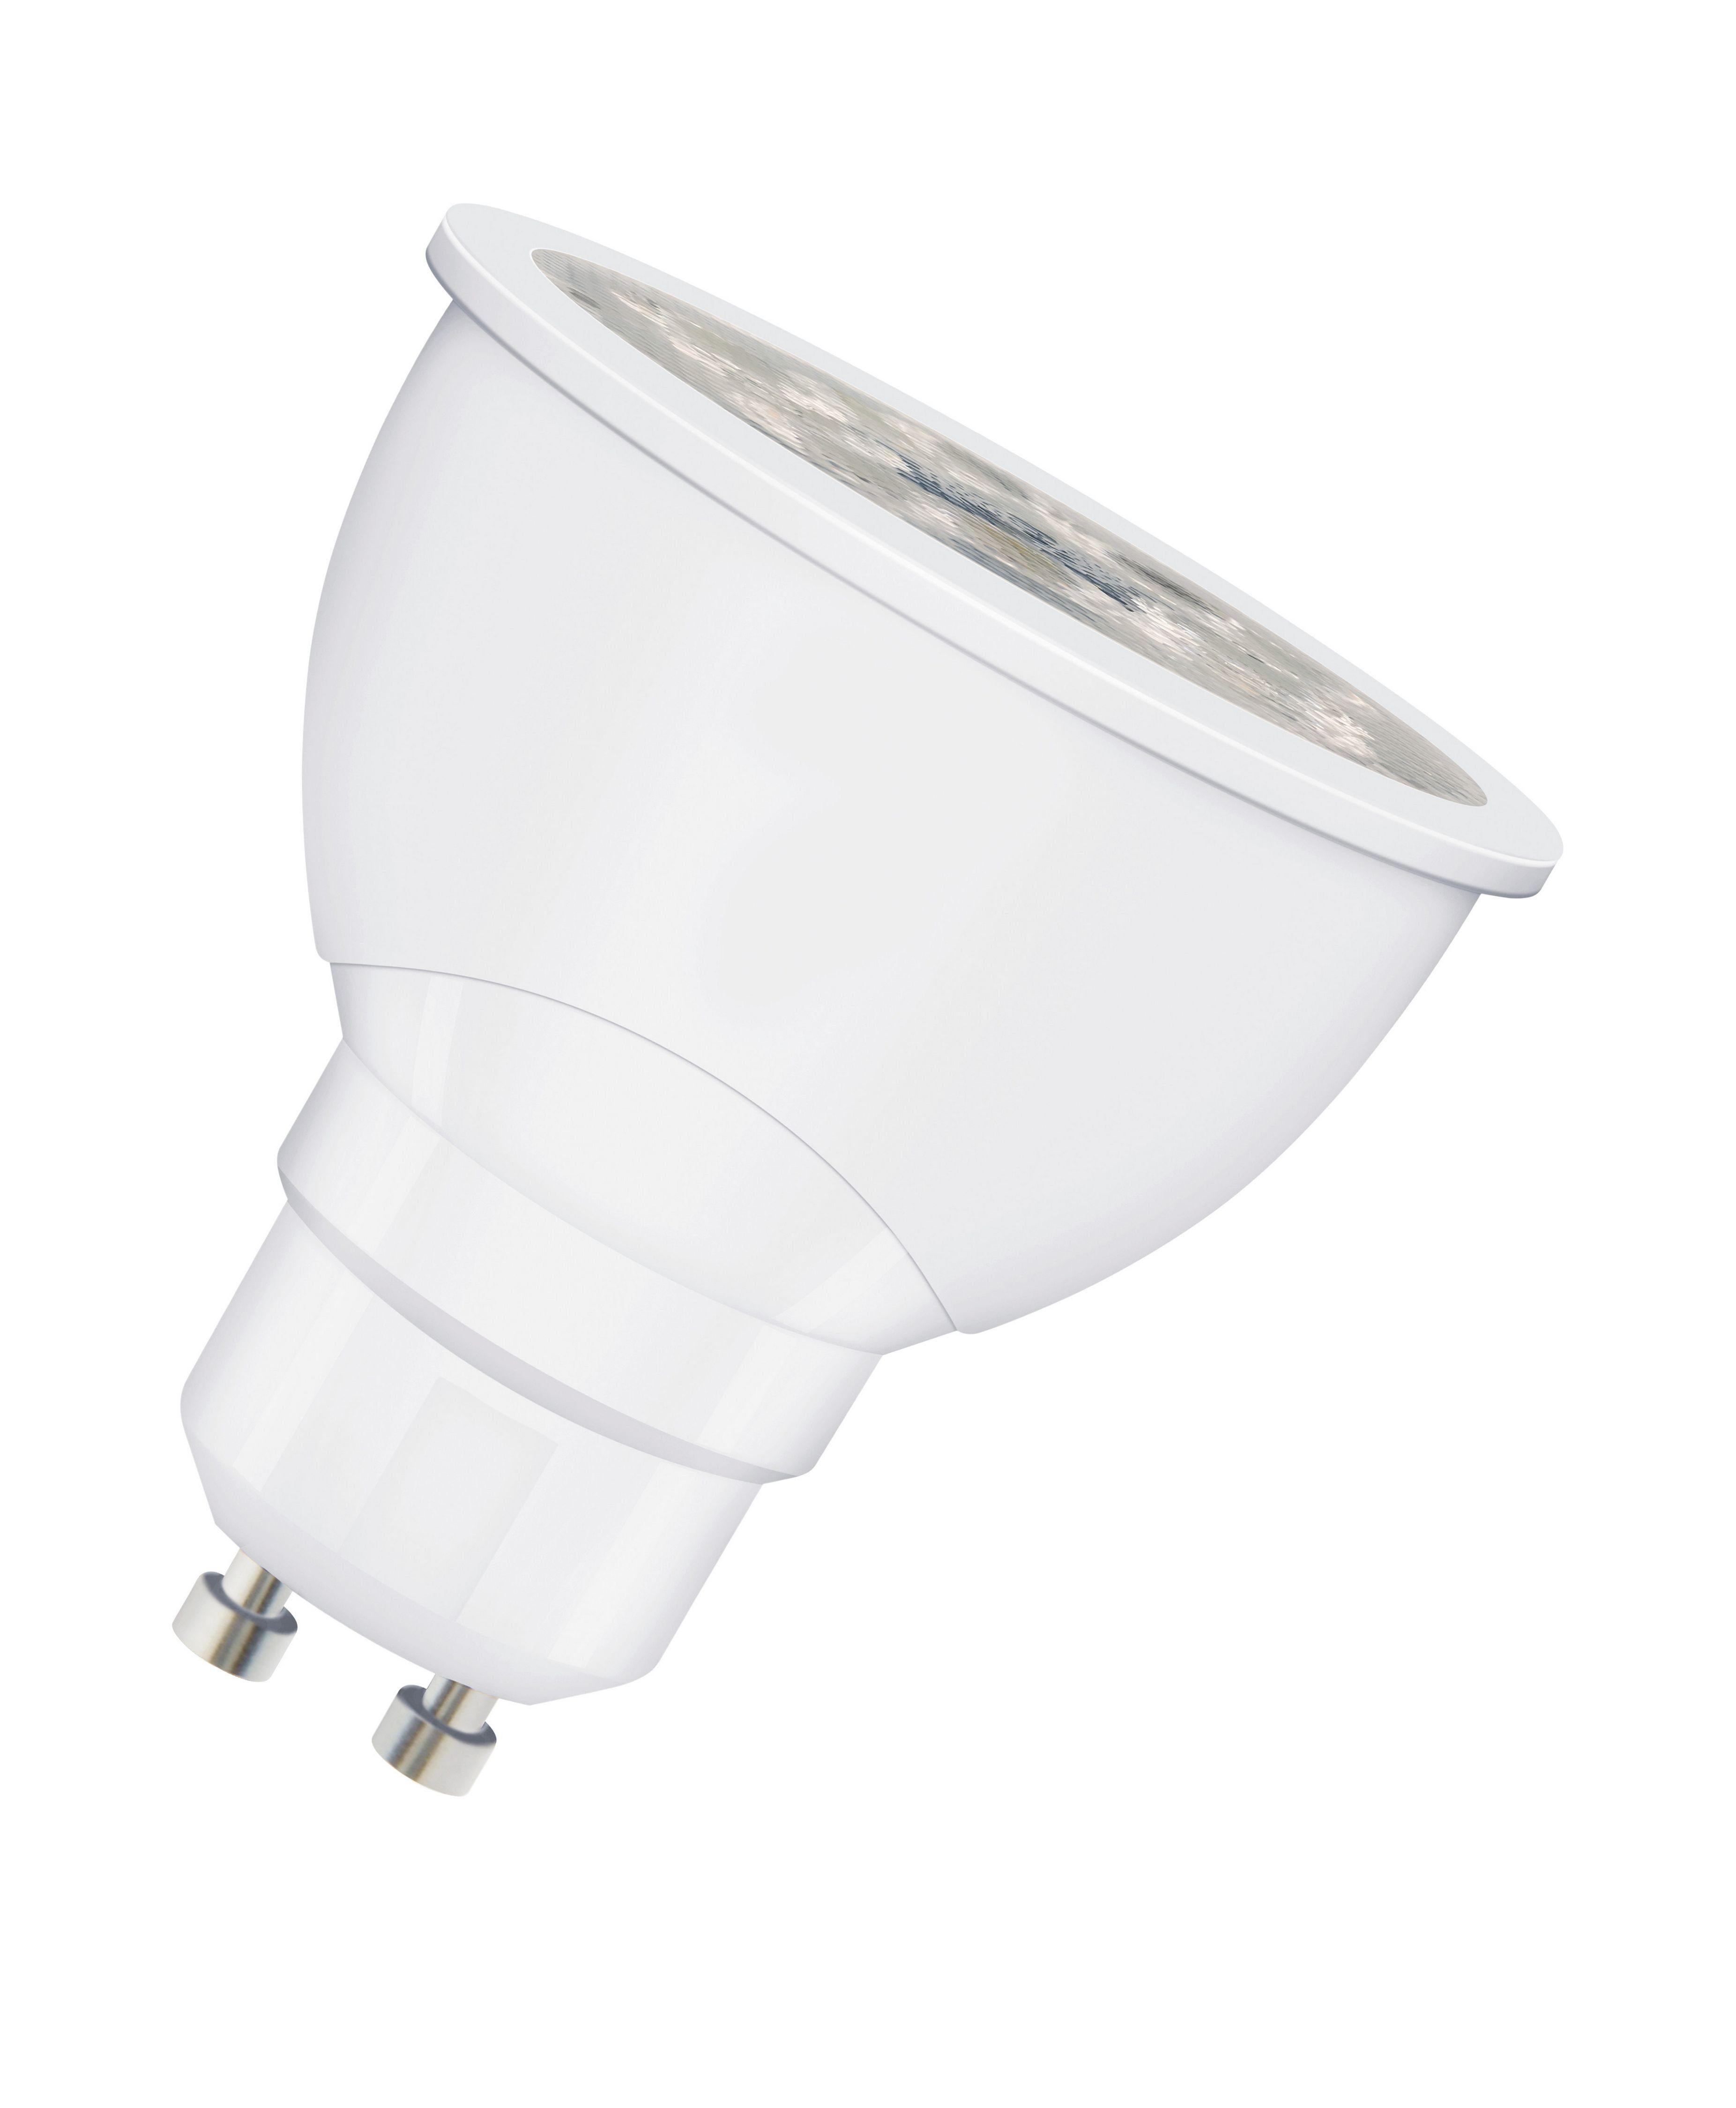 Osram SMART+ Smart Home LED-Retrofit-Lampe »LF PAR 16 50 120° 6 W/ GU10«